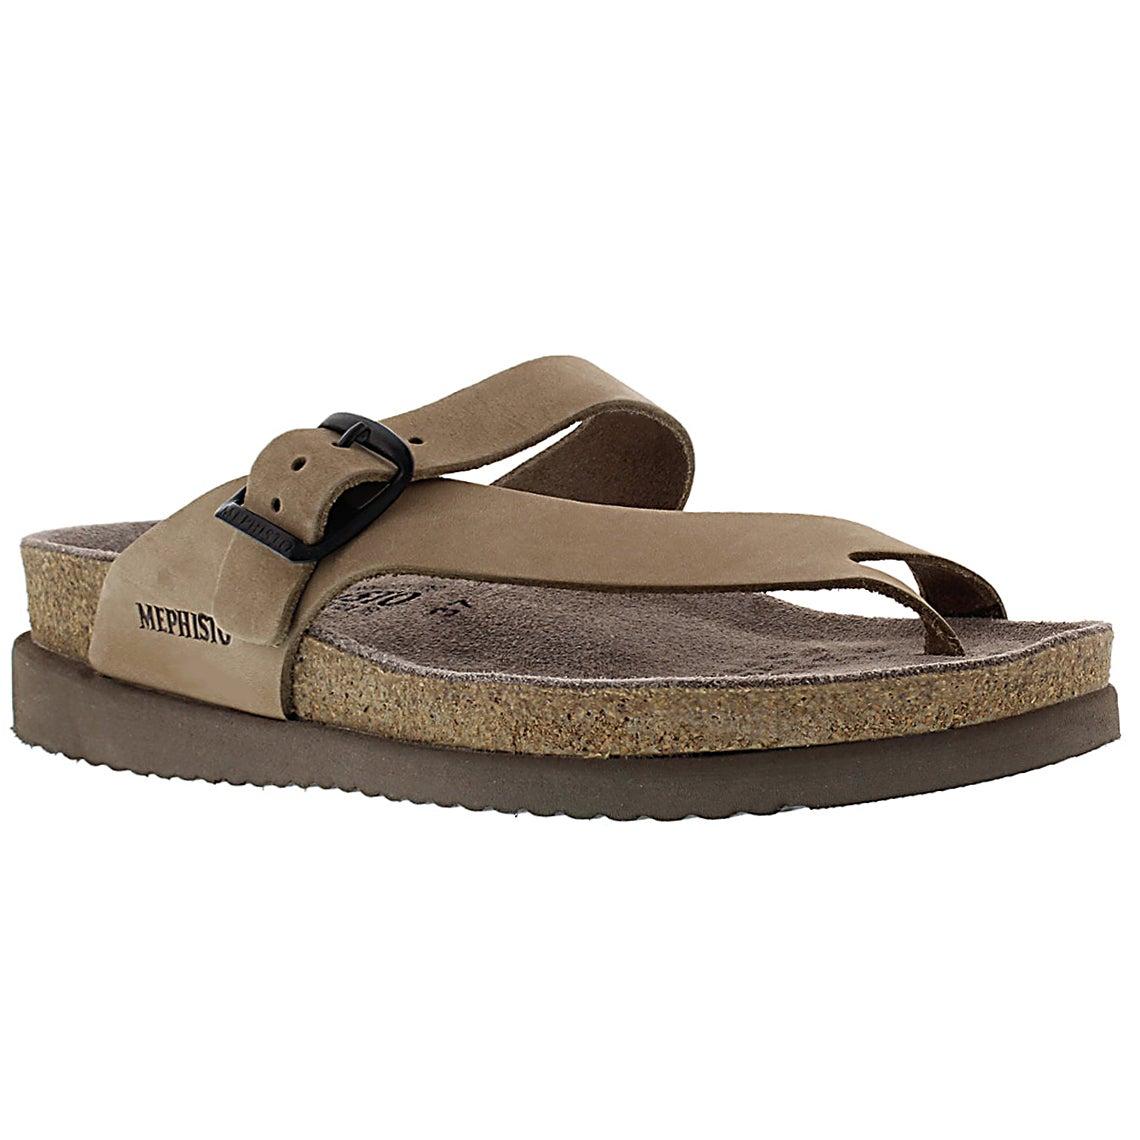 Women's HELEN light beige thong sandals